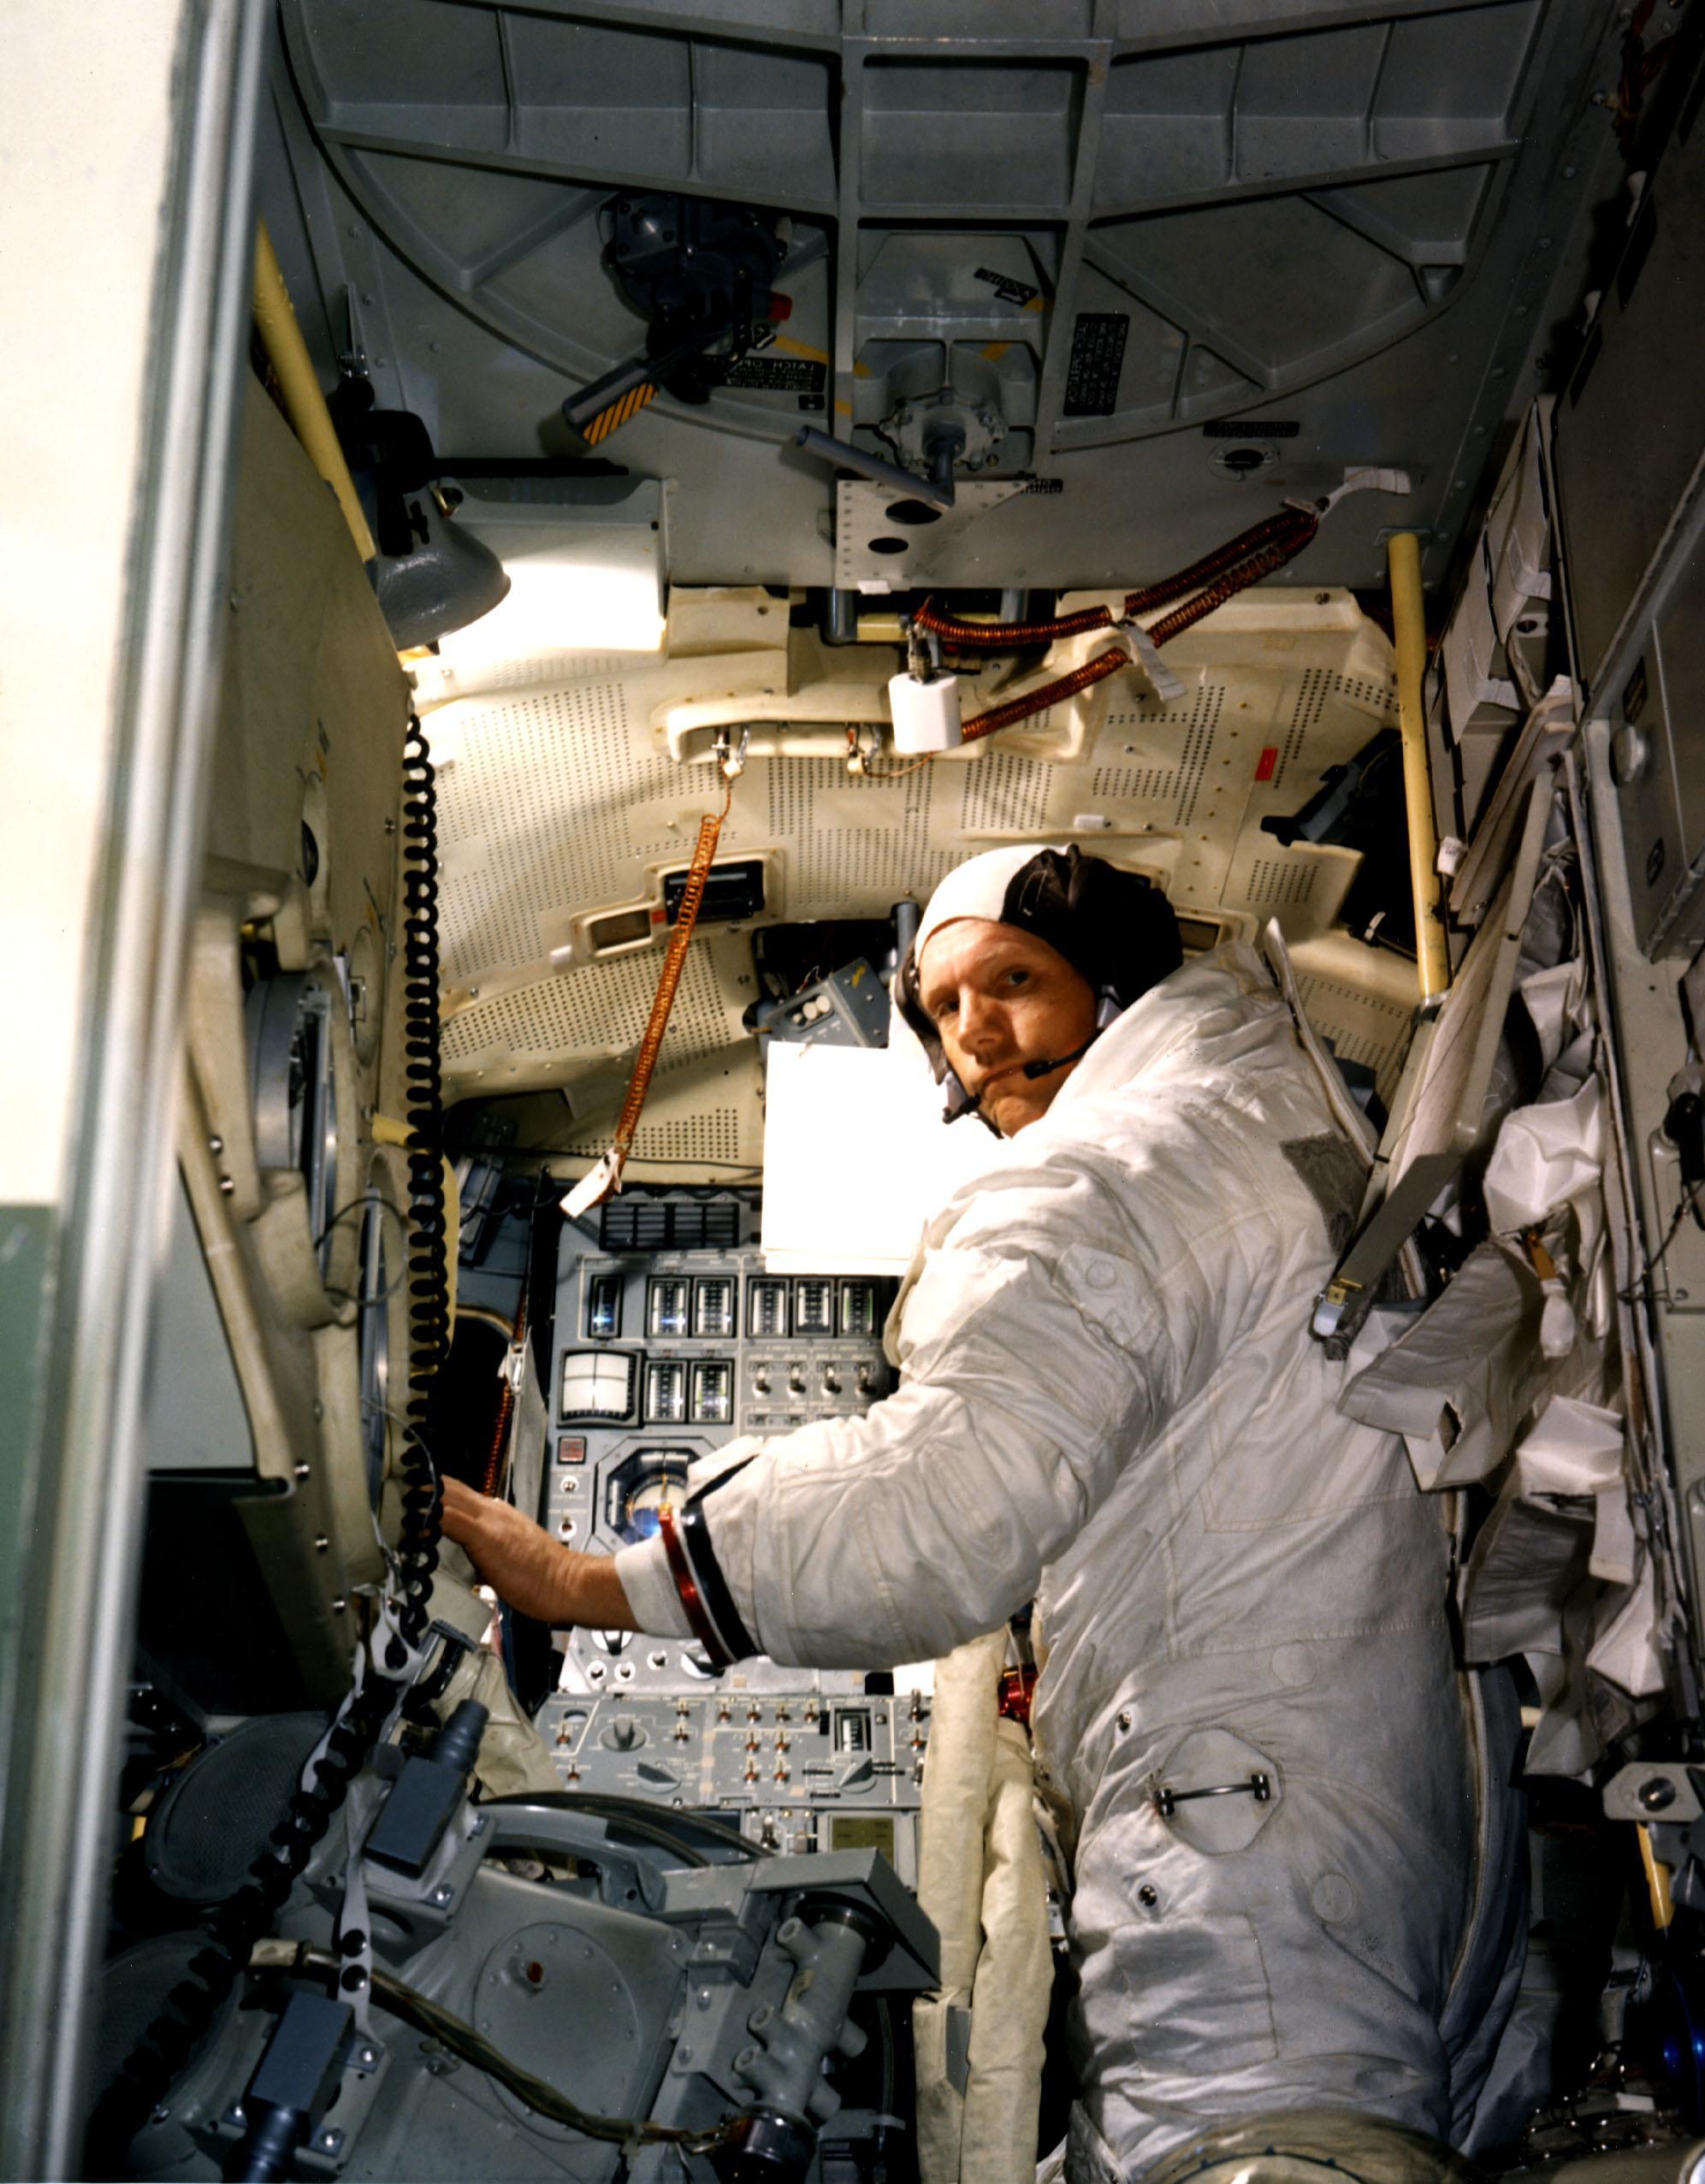 lunar module in space - photo #33